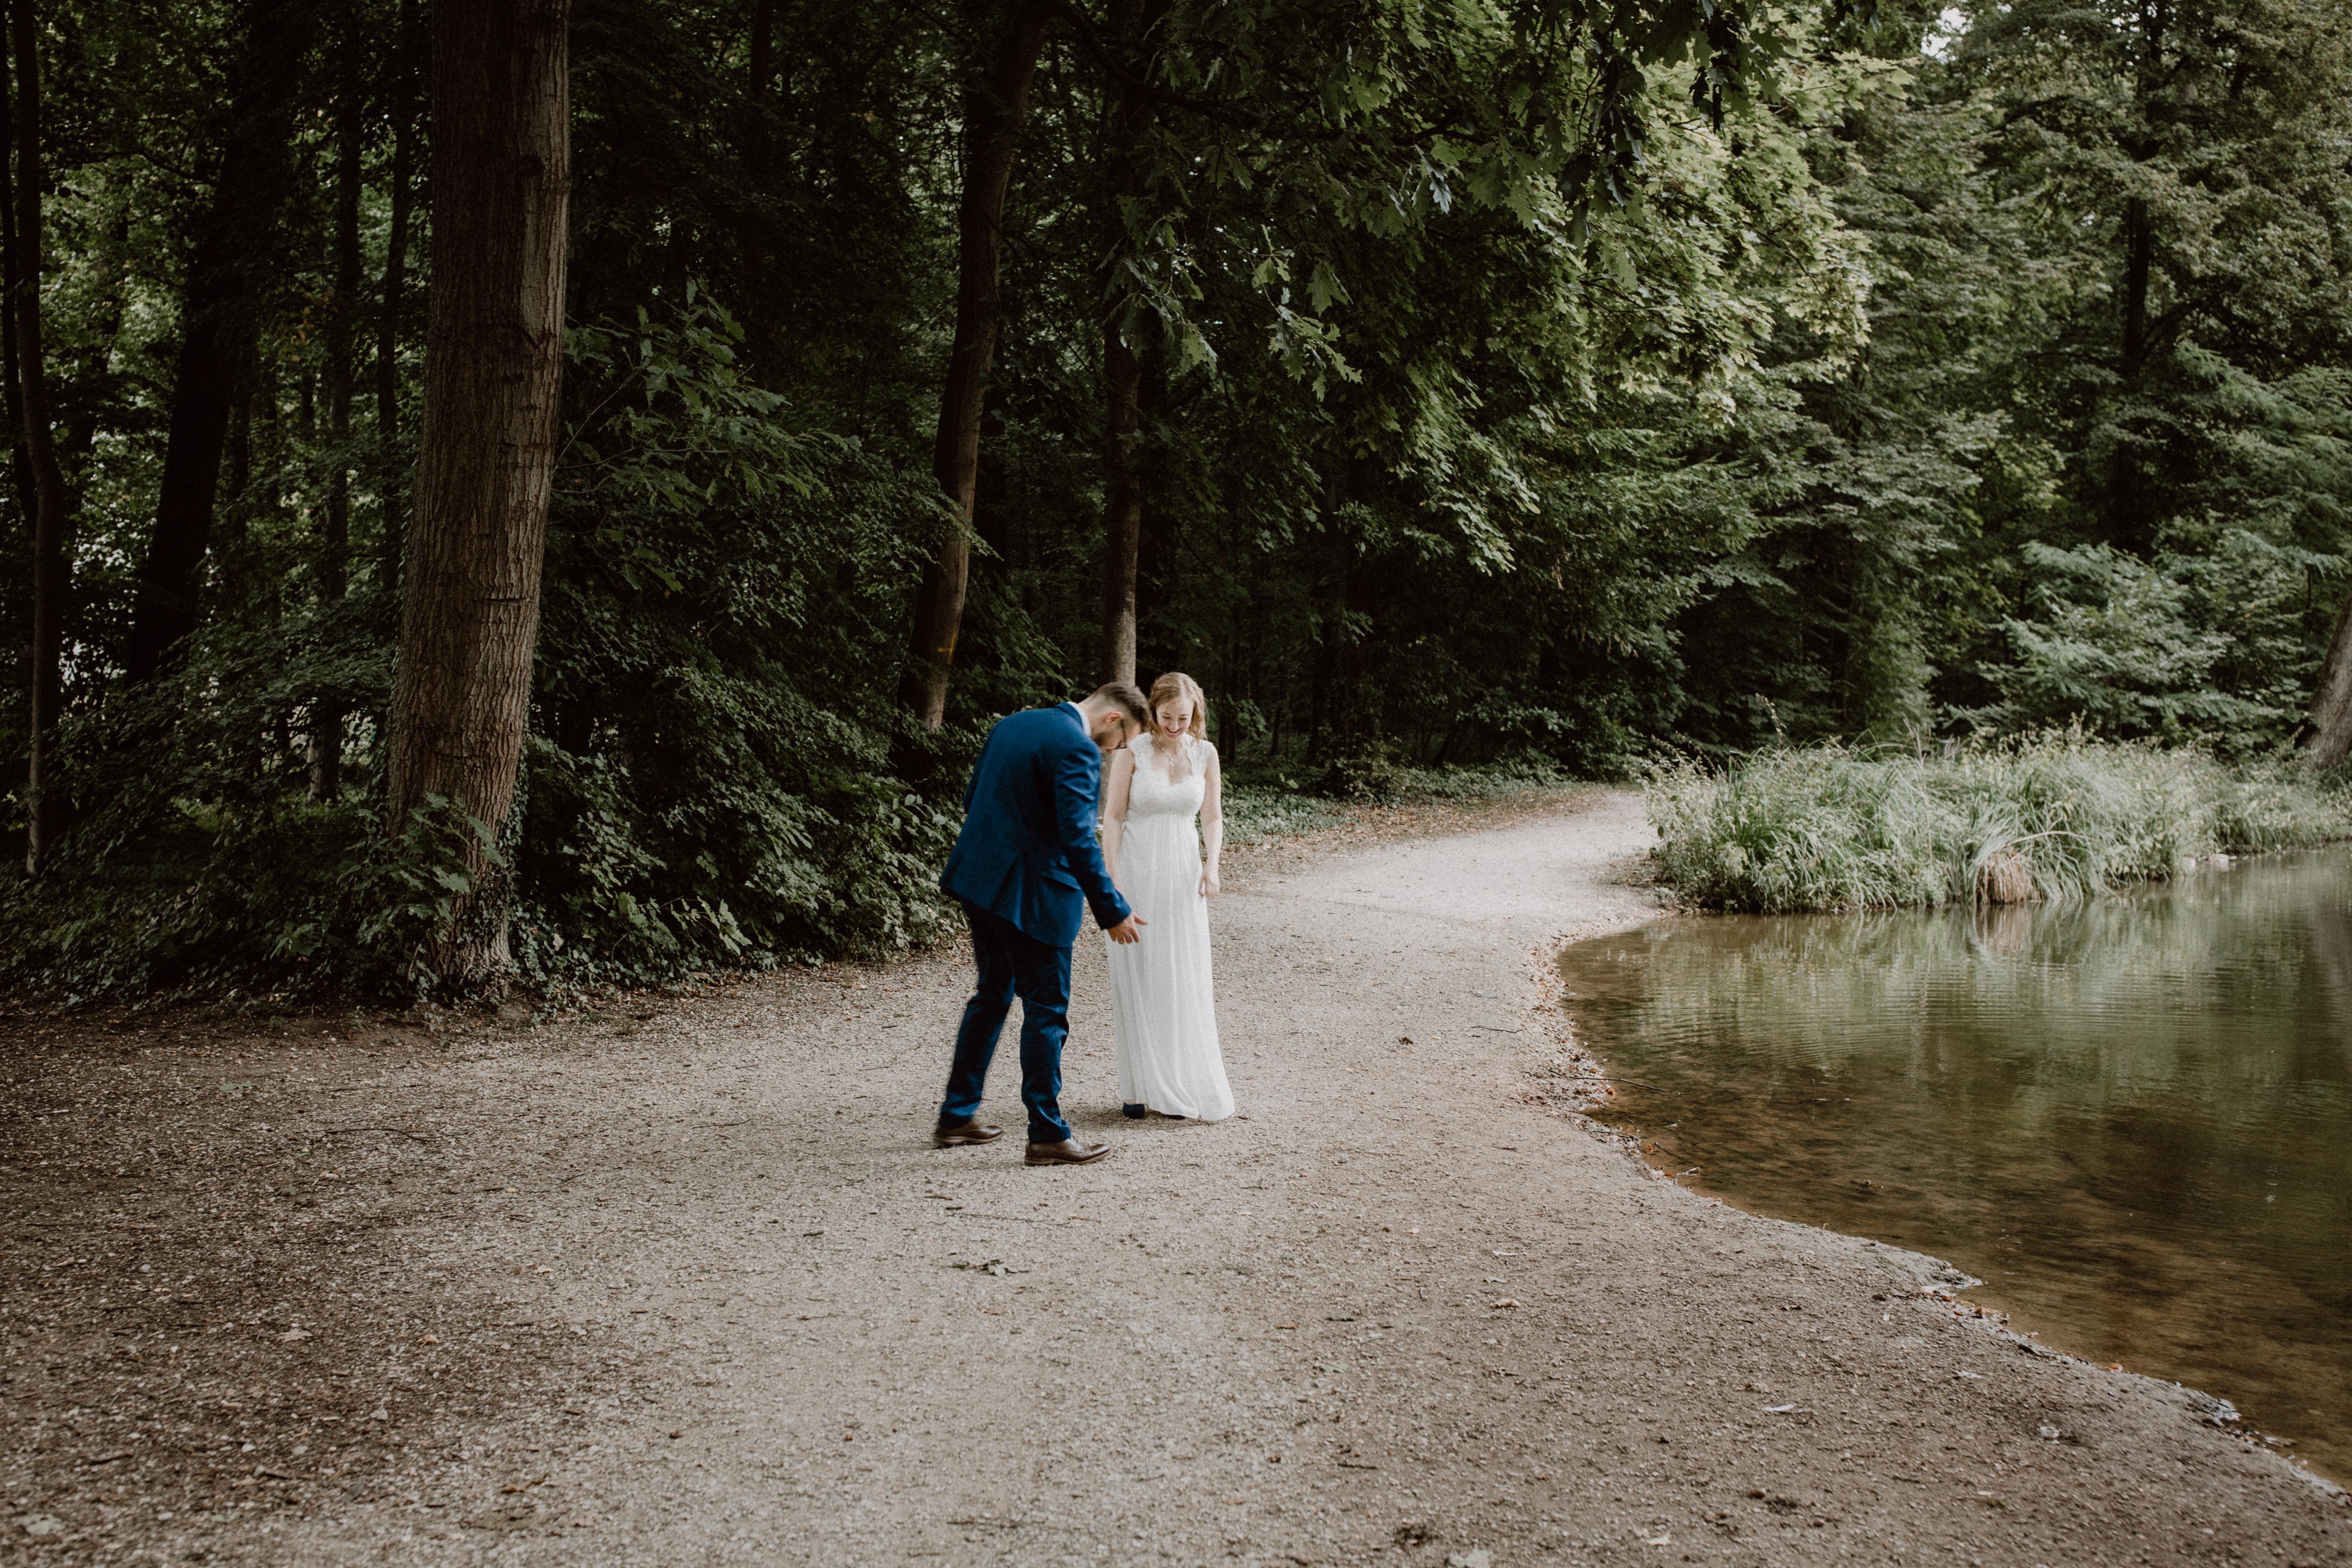 URBANERIE_Daniela_Goth_Hochzeitsfotografin_Nürnberg_Fürth_Erlangen_Schwabach_17907_0469